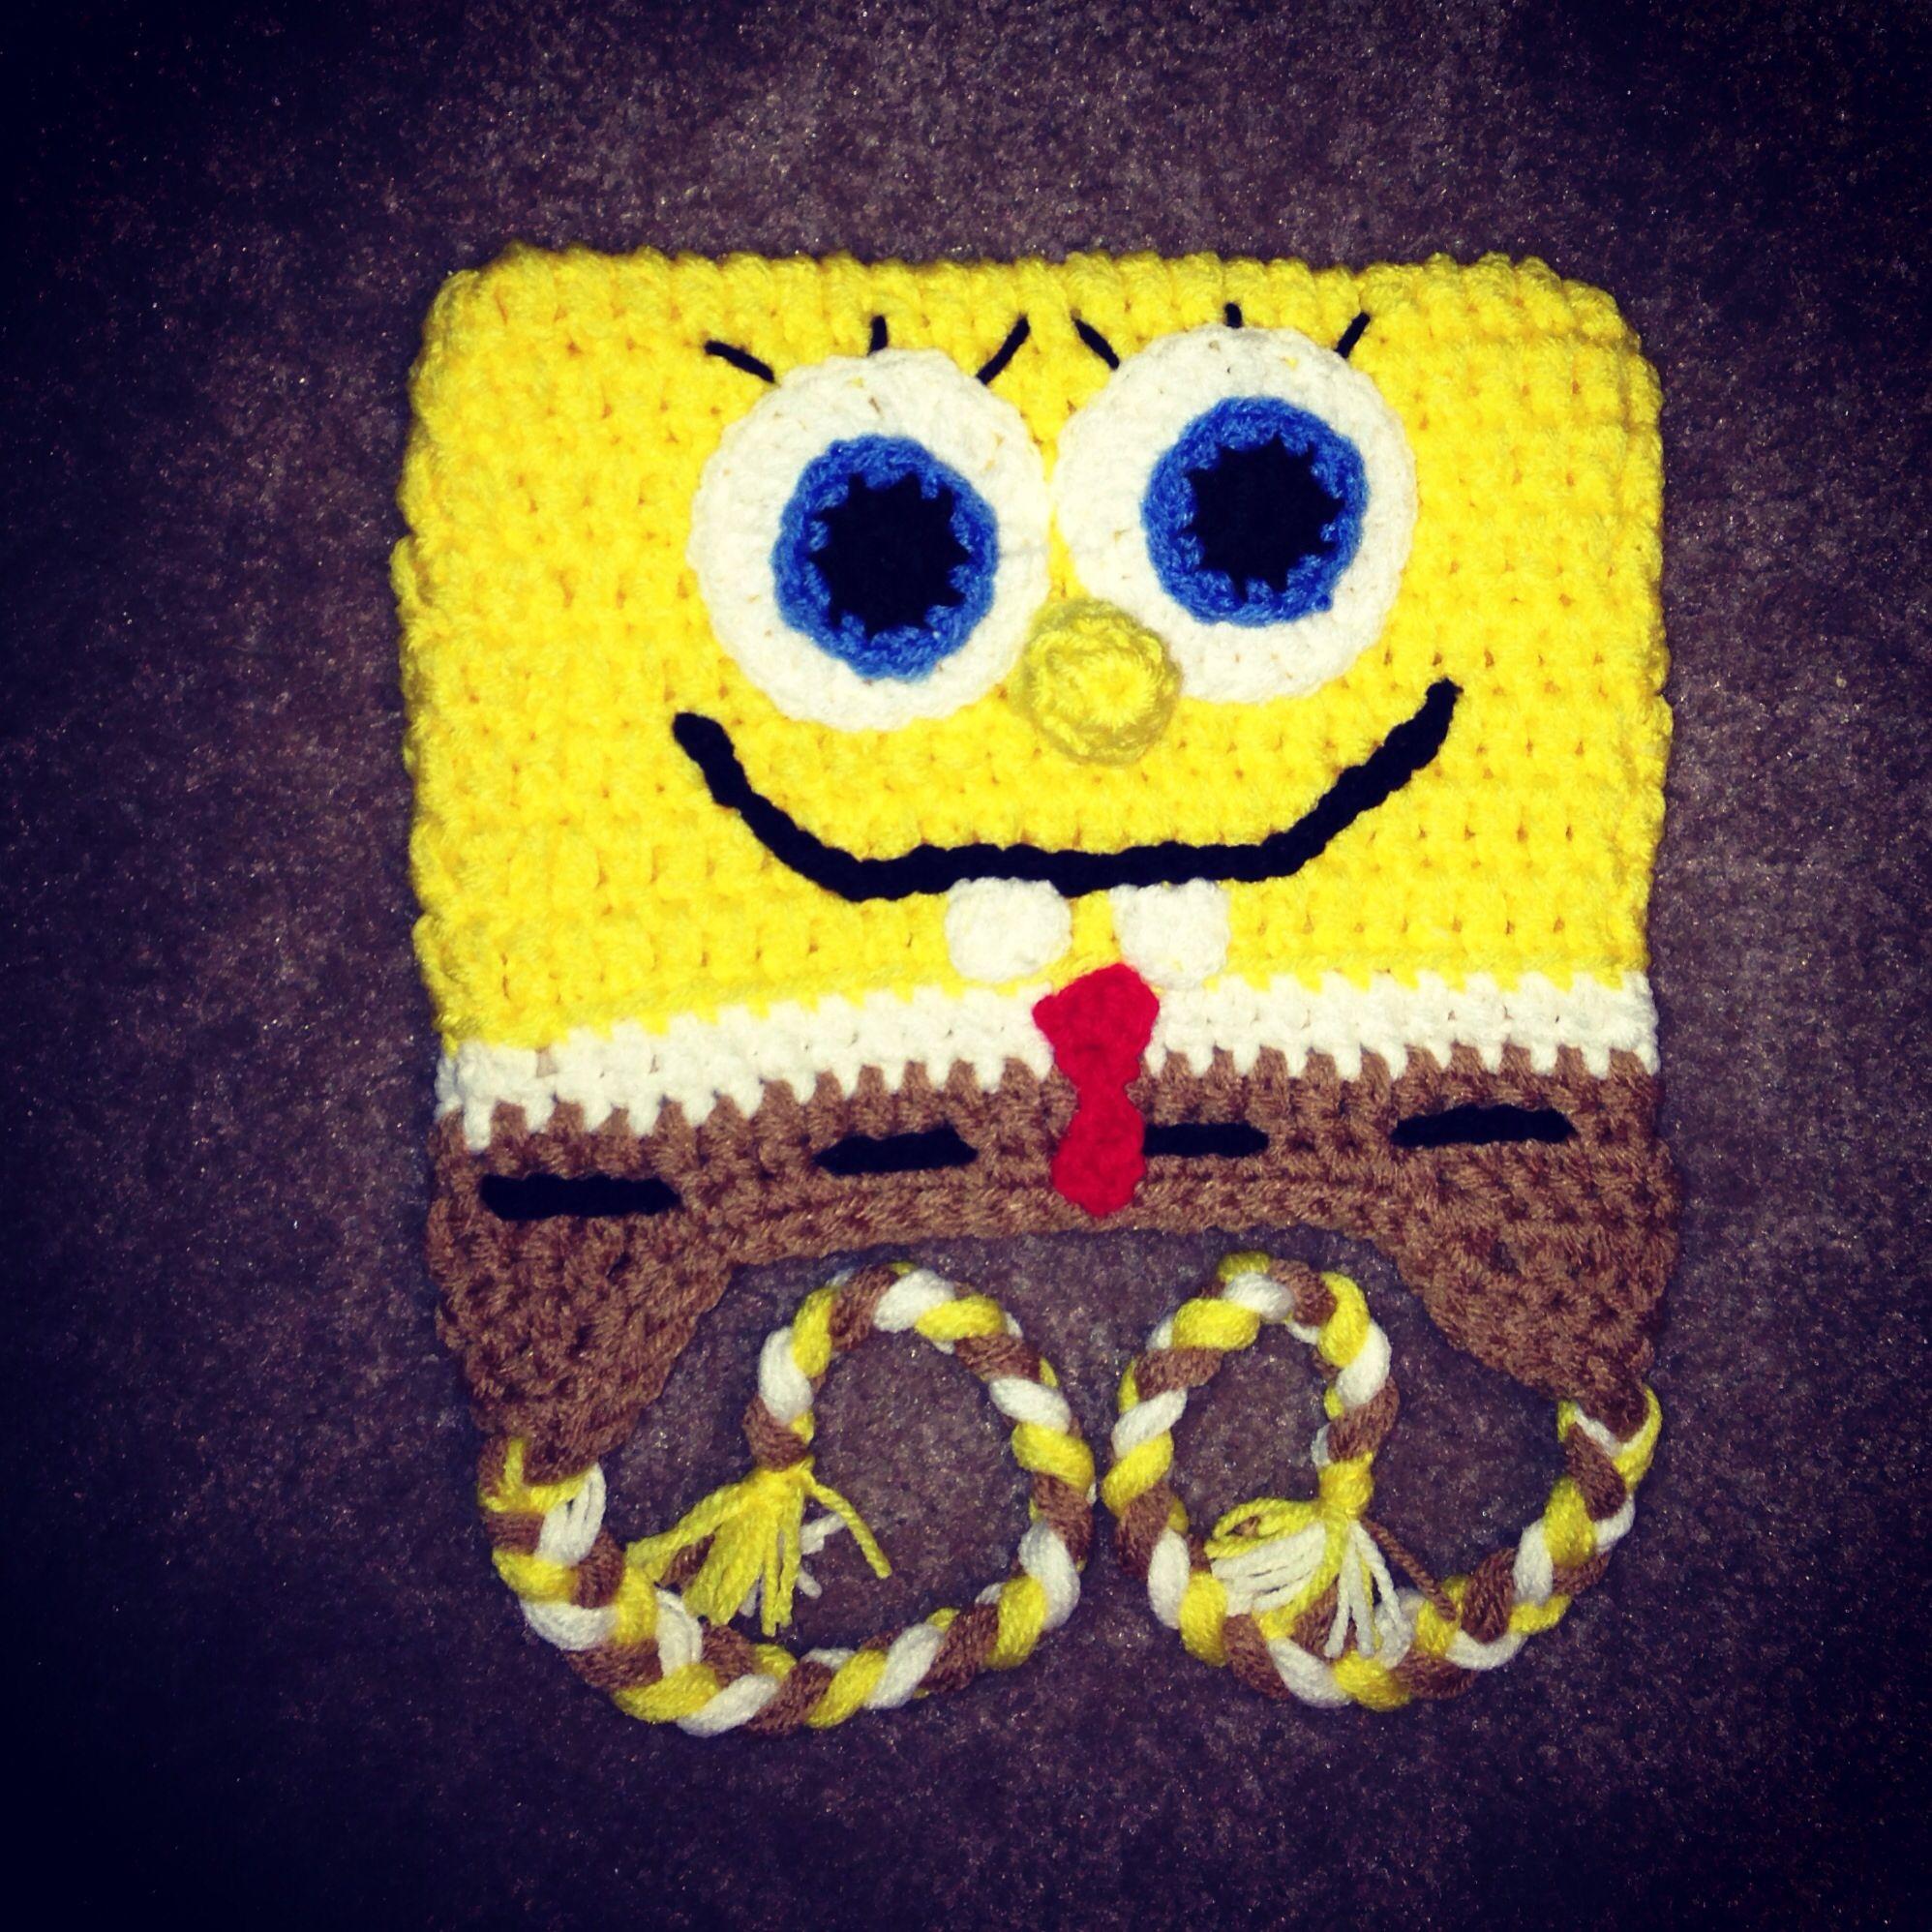 Crochet spongebob hat crafts Pinterest Spongebob and ...